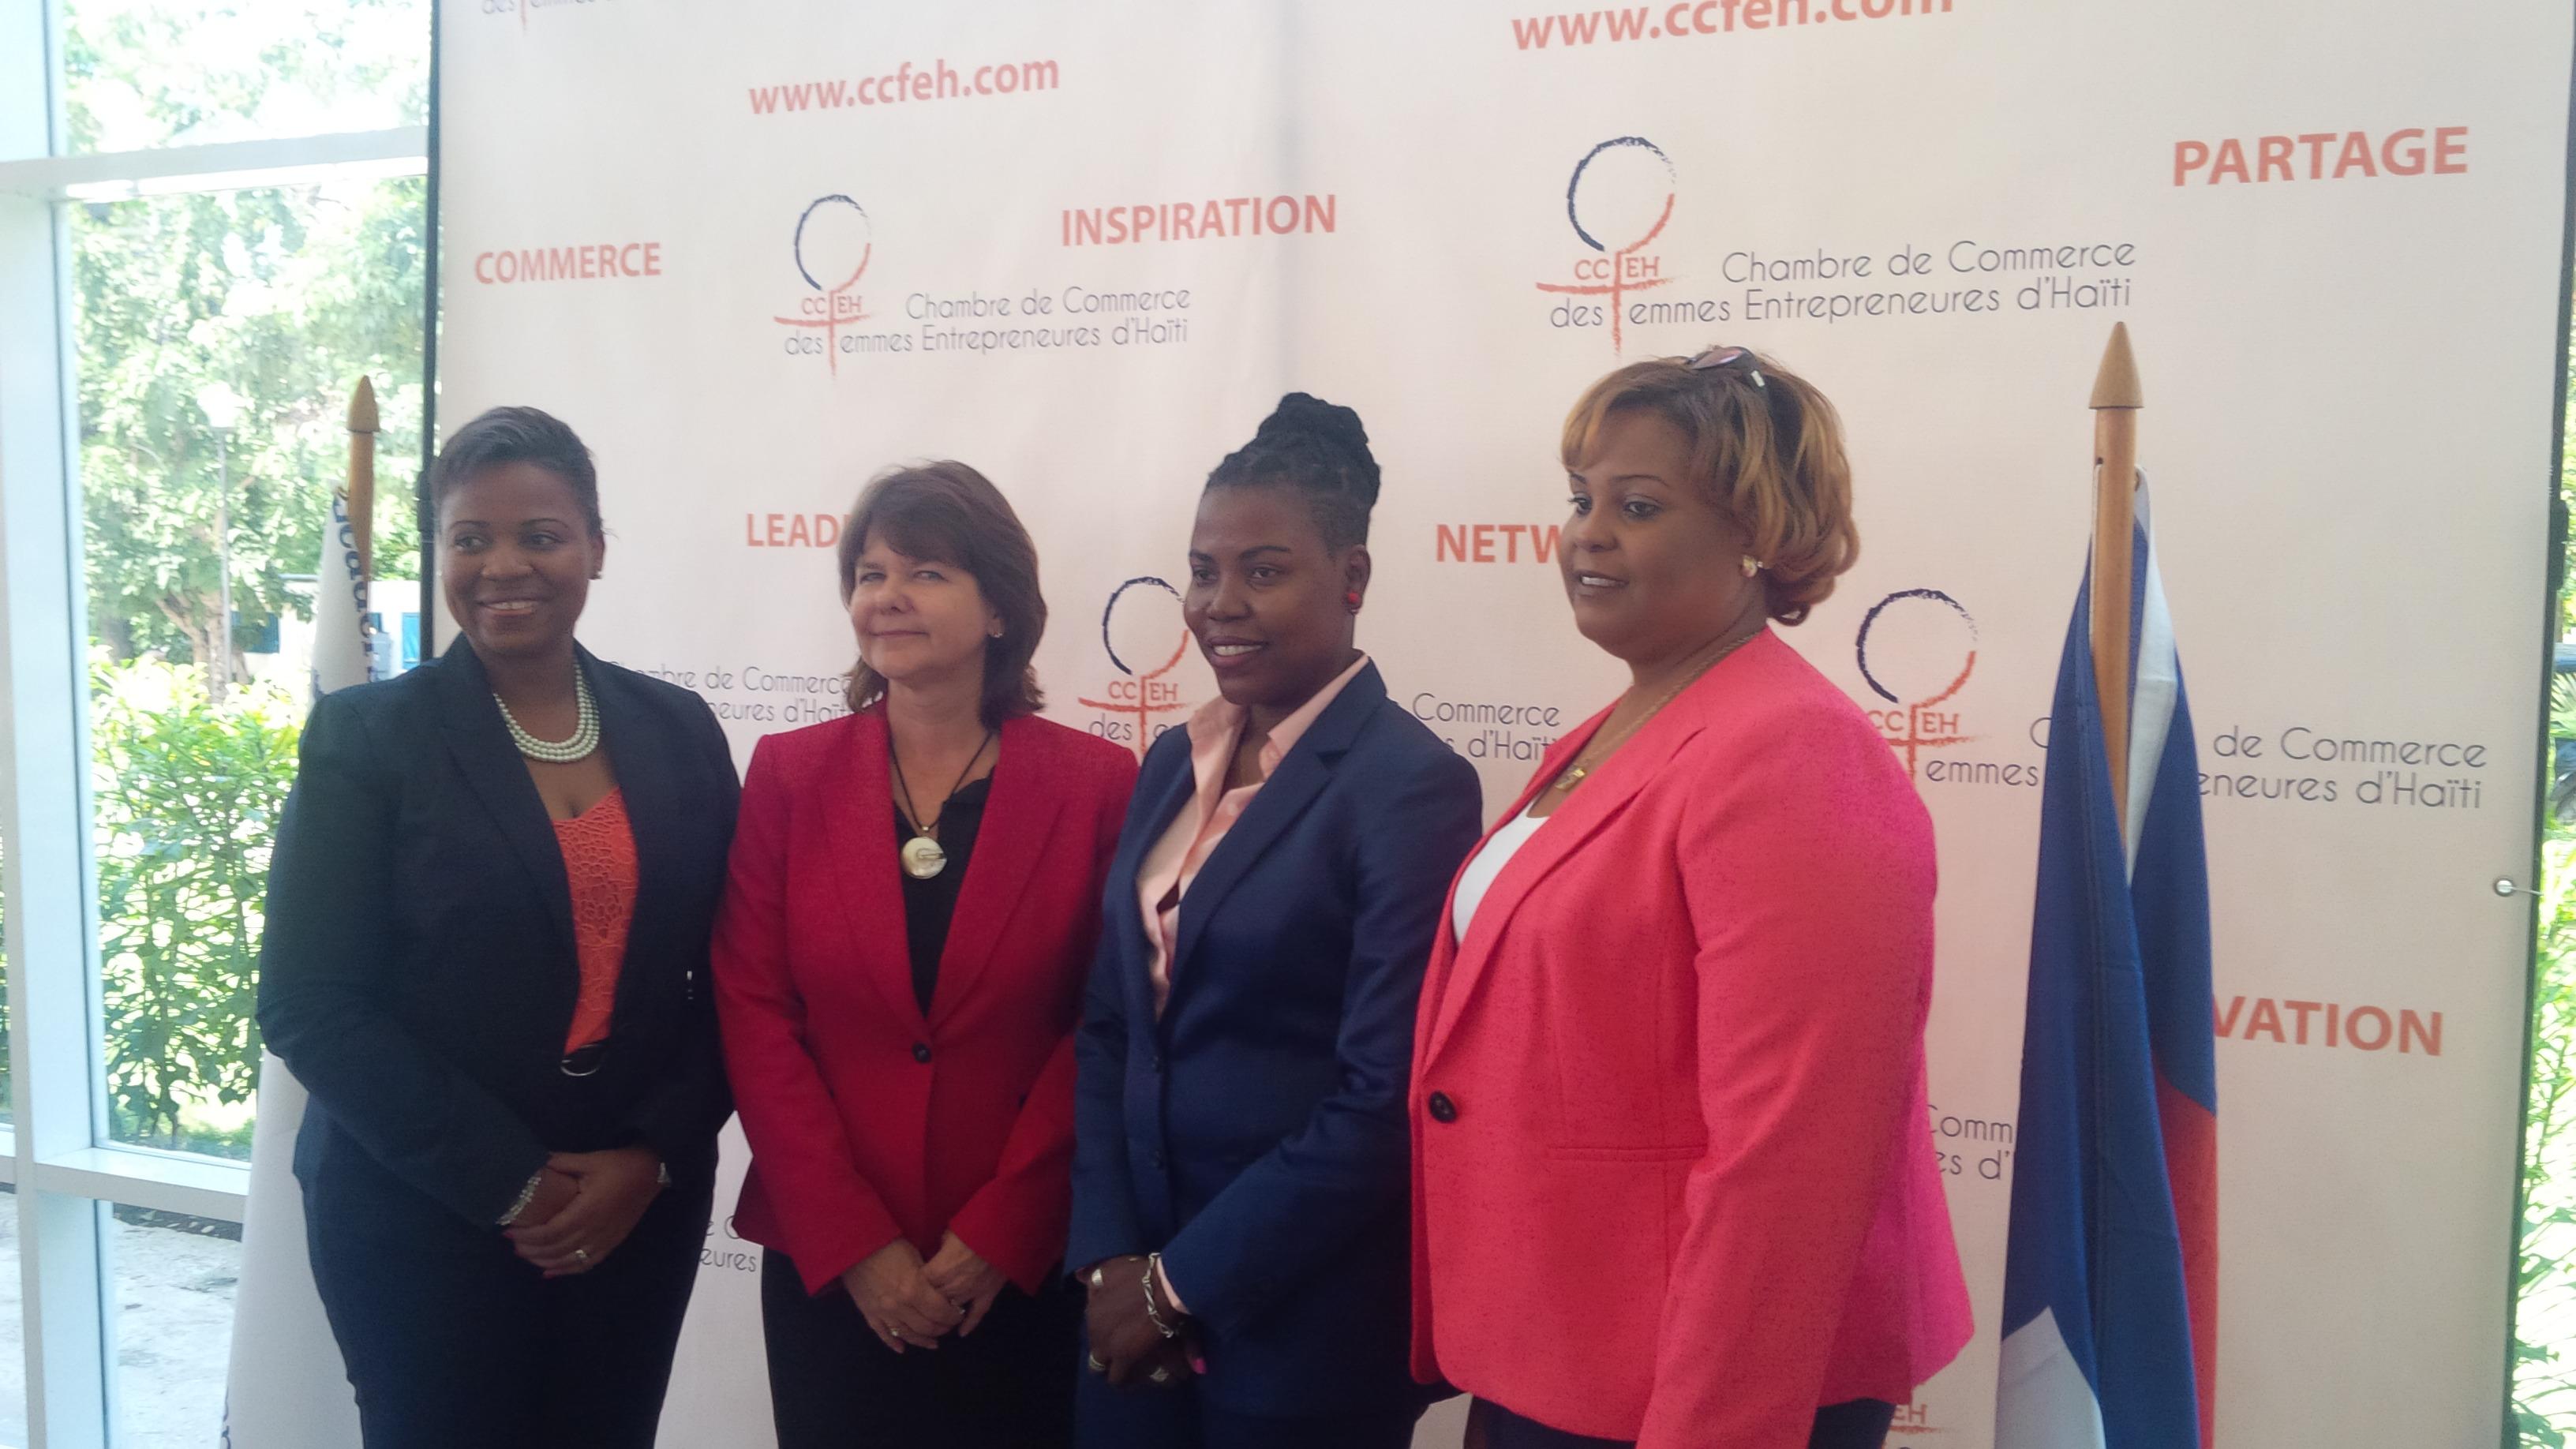 R seau participait au lancement de la chambre for Chambre de commerce d haiti